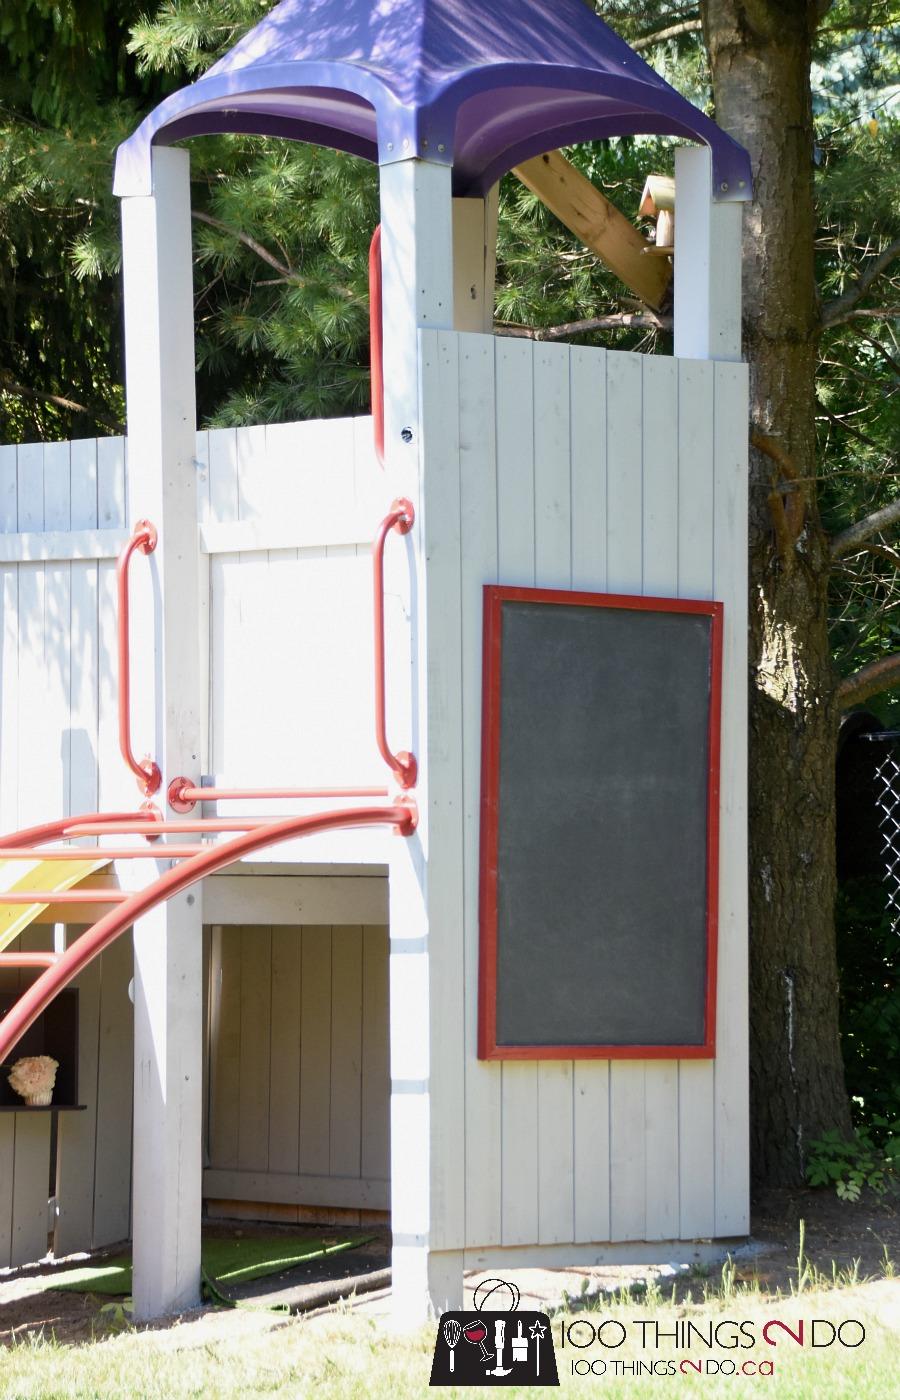 DIY chalkboard, chalkboard paint, create a chalkboard, how to build a chalkboard, Benjamin Moore chalkboard paint, Clancy's Rainbow